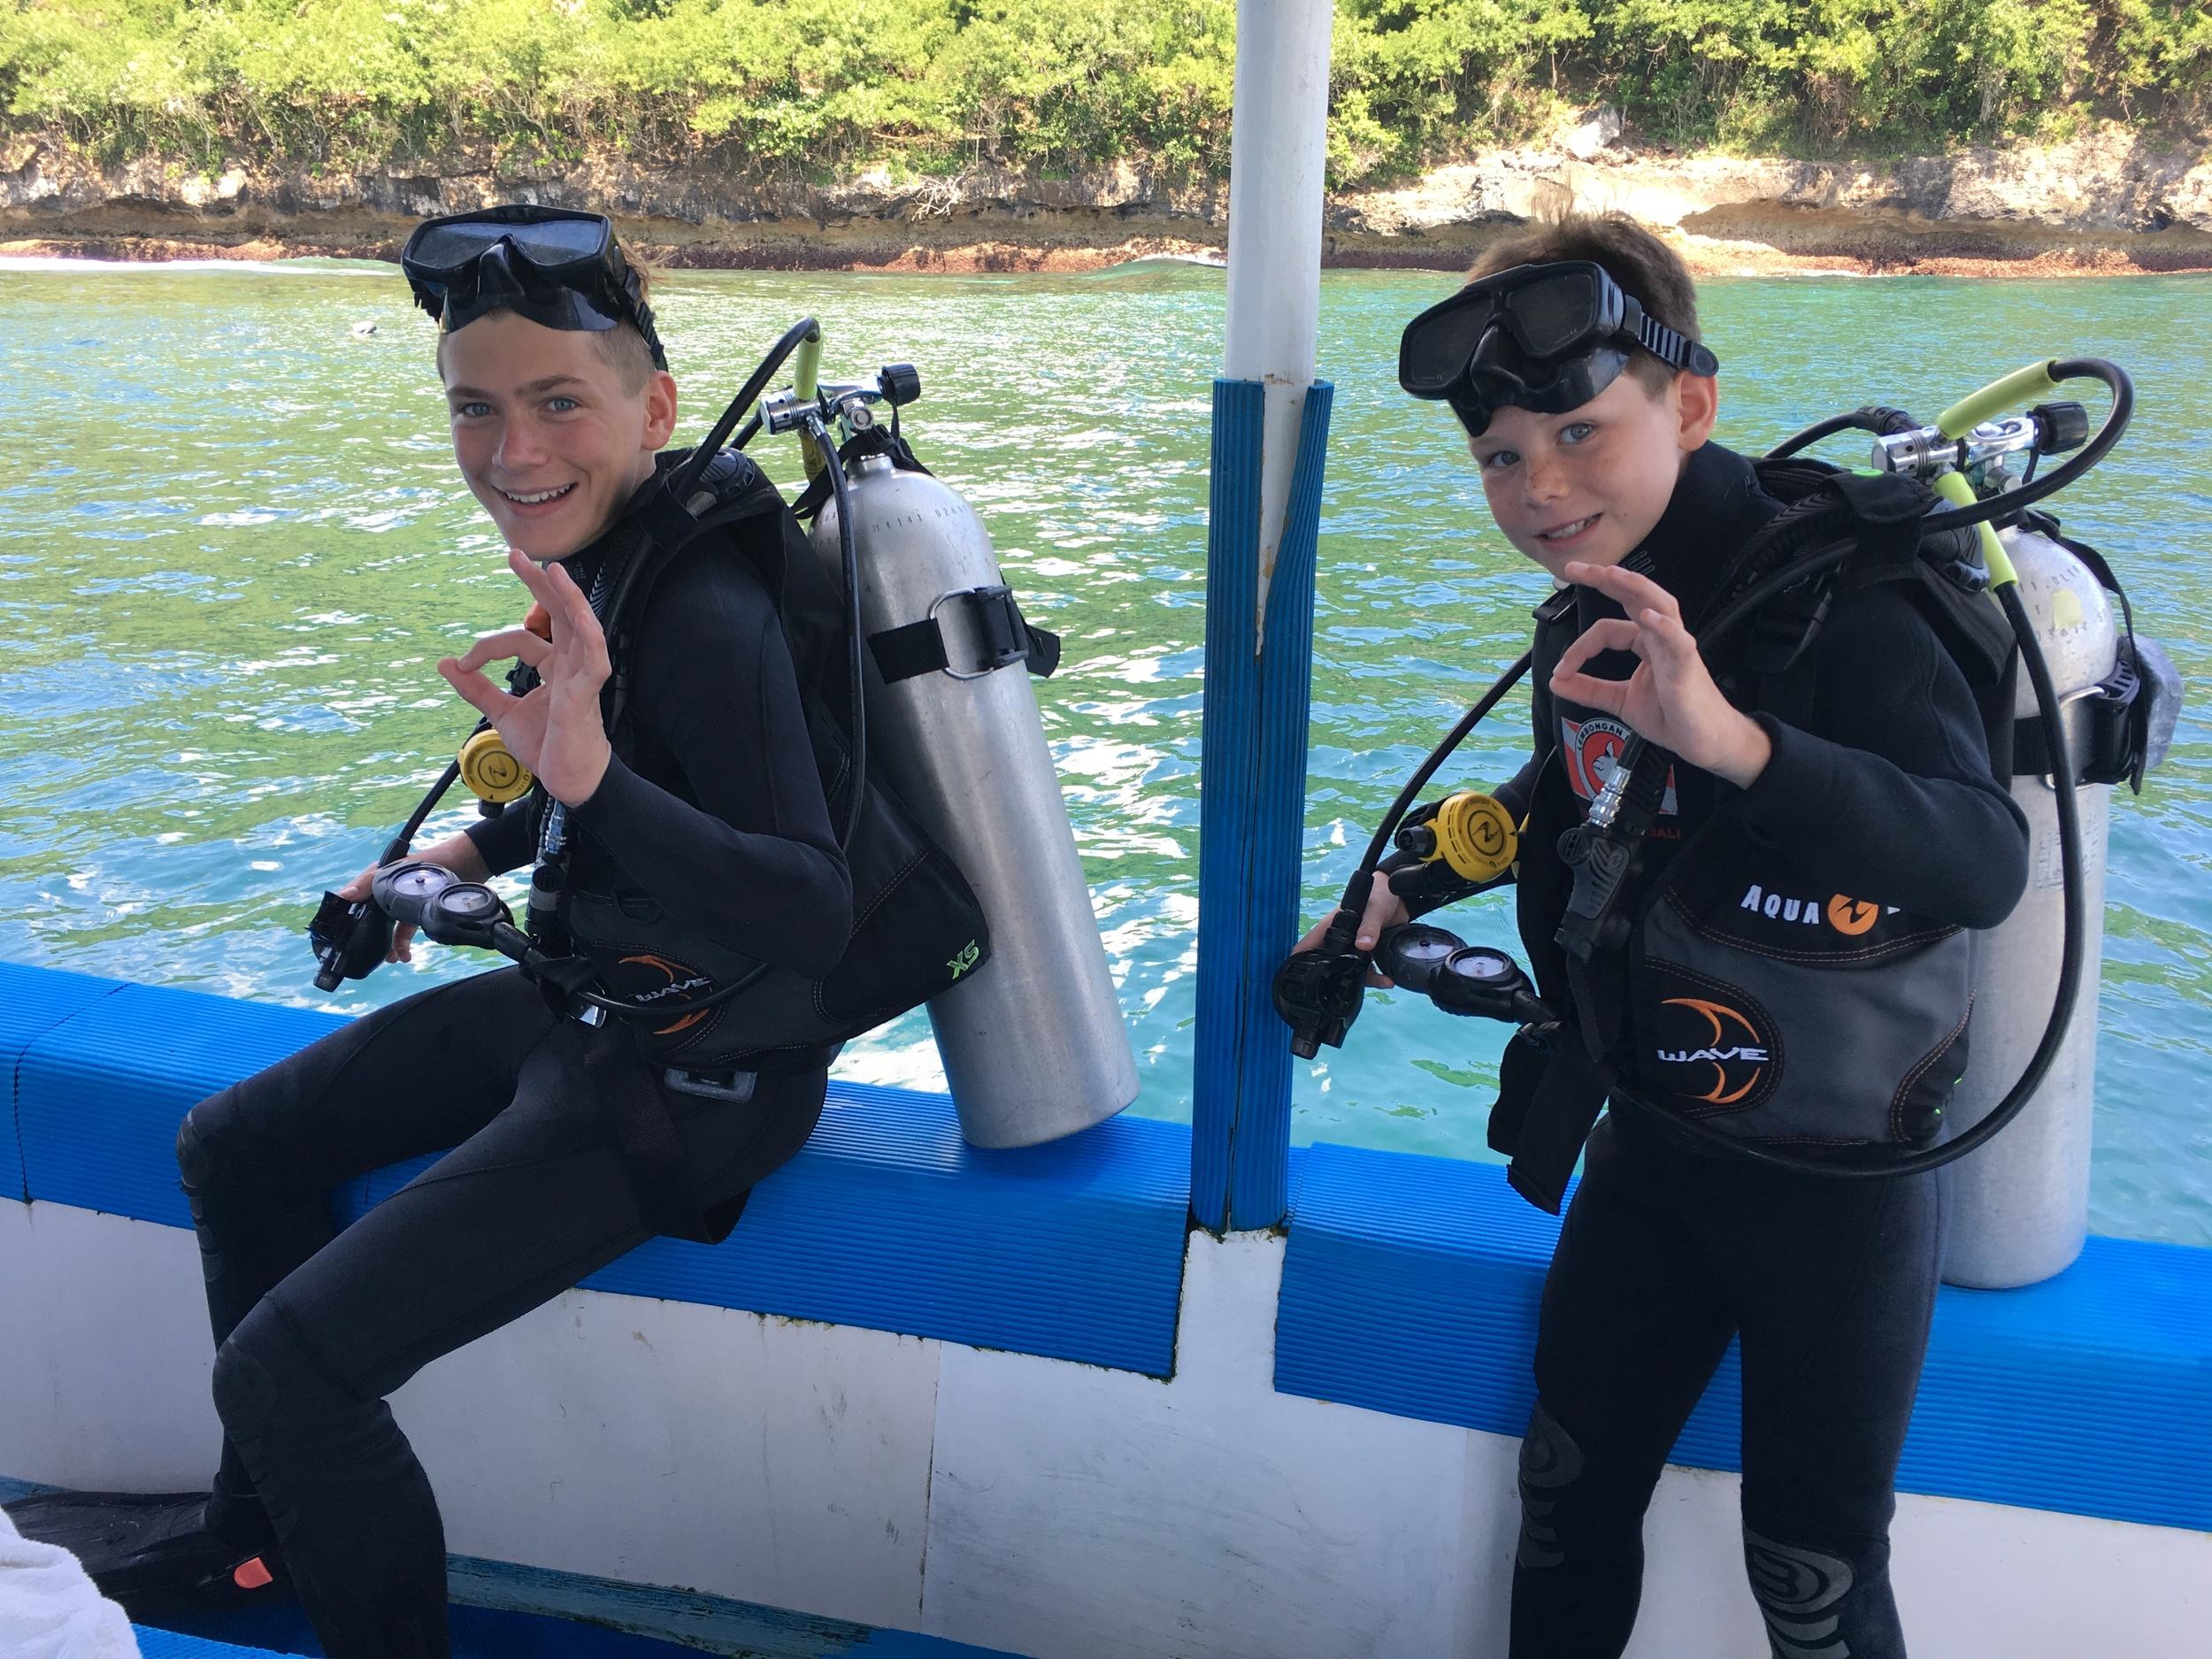 Brave scuba diving kids with cool parents